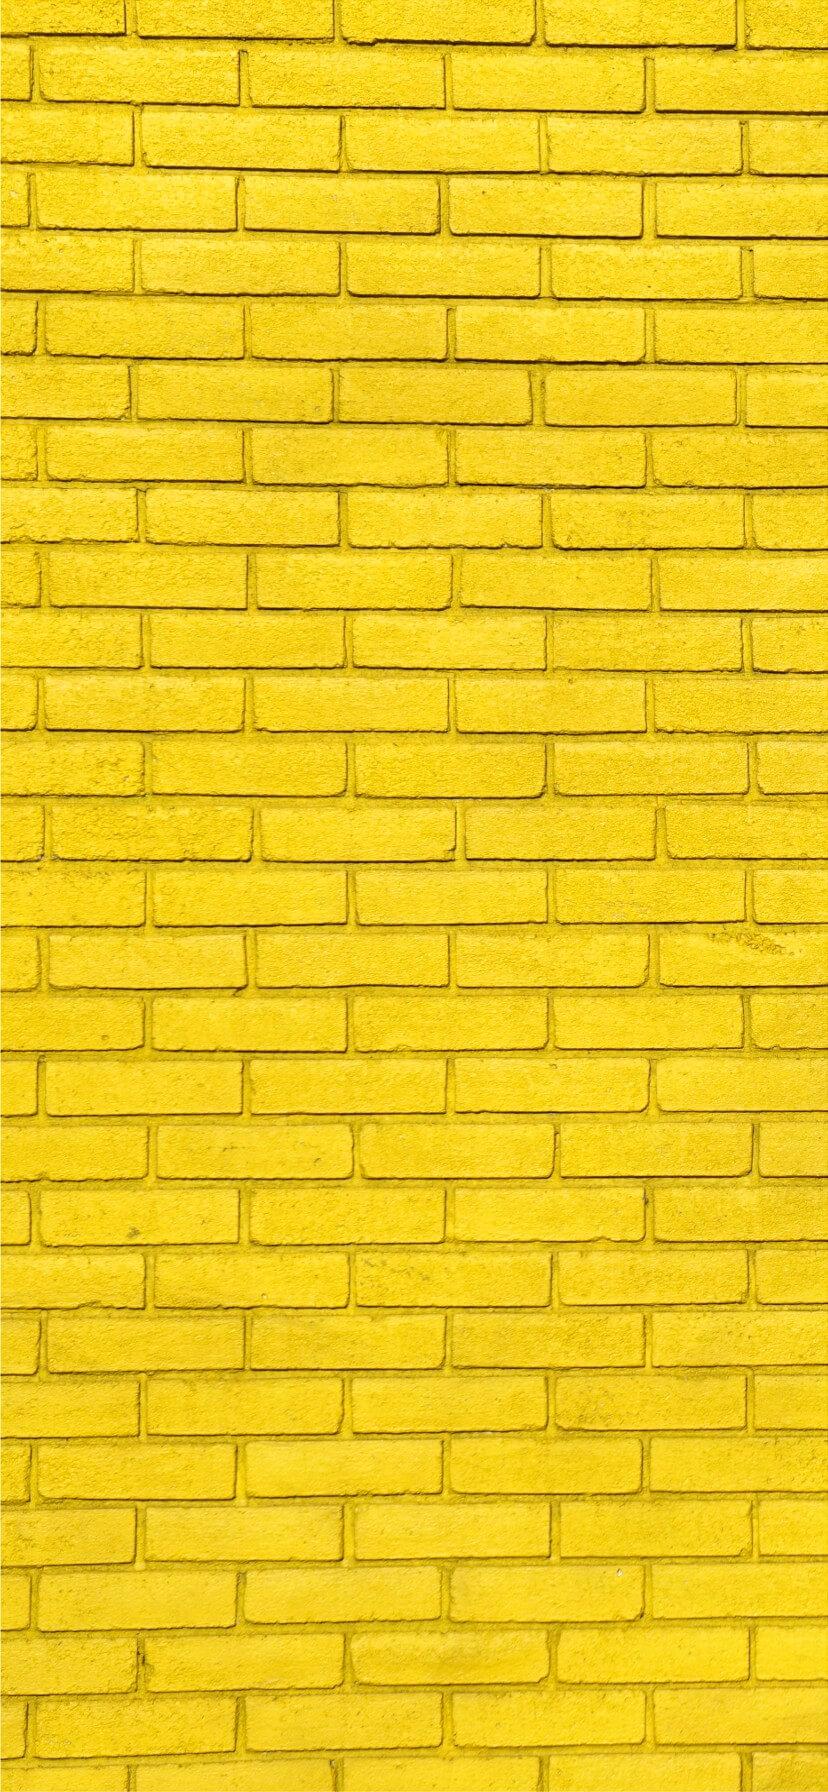 Iphone11 Iphonexrのシンプルな黄色の無料壁紙 Time Fun Fun